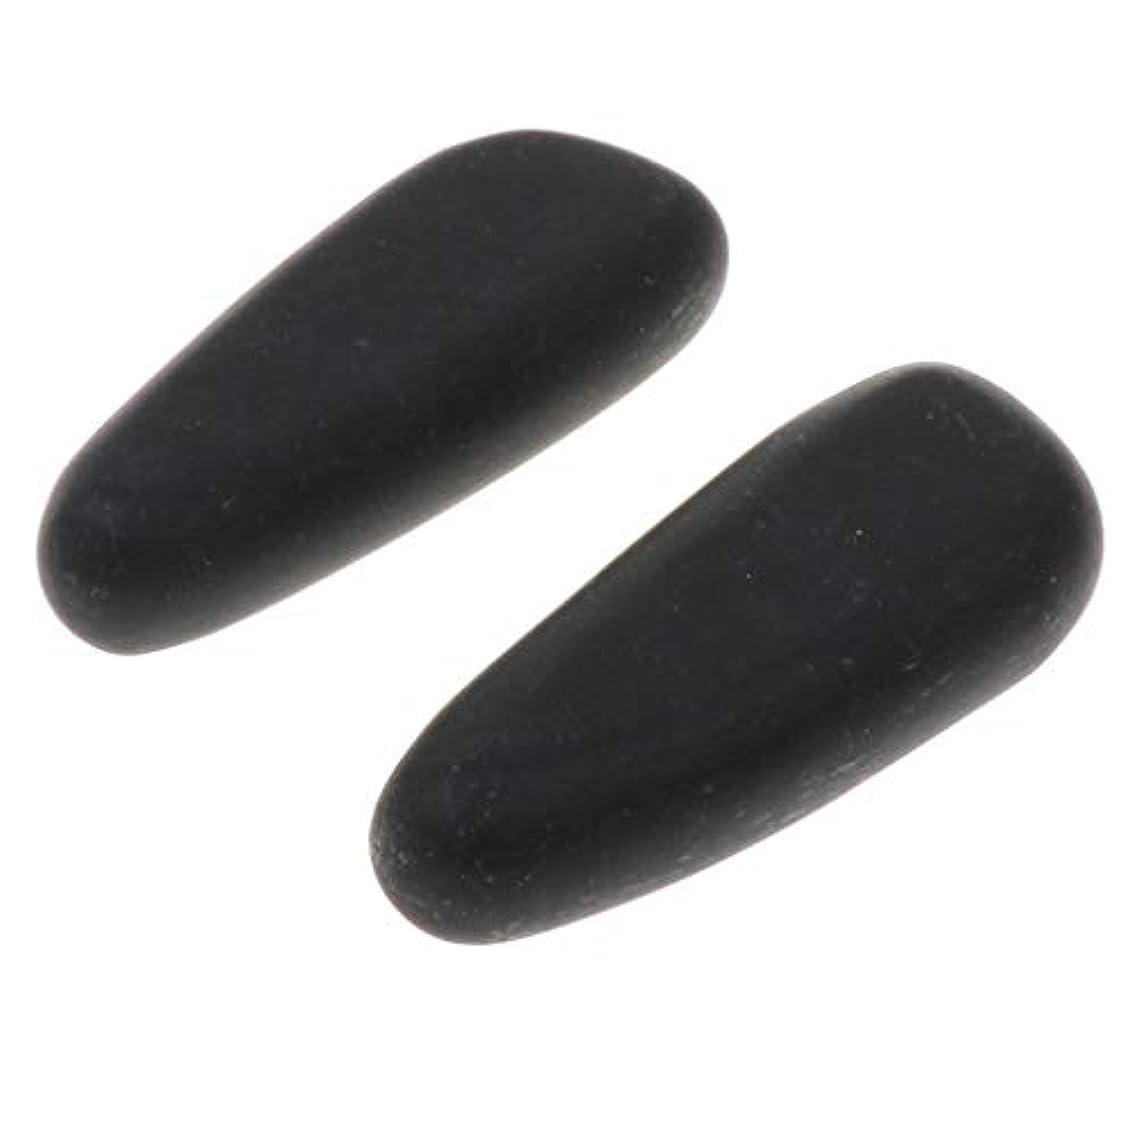 振りかける可塑性リーマッサージストーン ボディマッサージ 天然石ホットストーン 玄武岩 SPA ツボ押しグッズ 2個 全2サイズ - 8×3.2×2cm